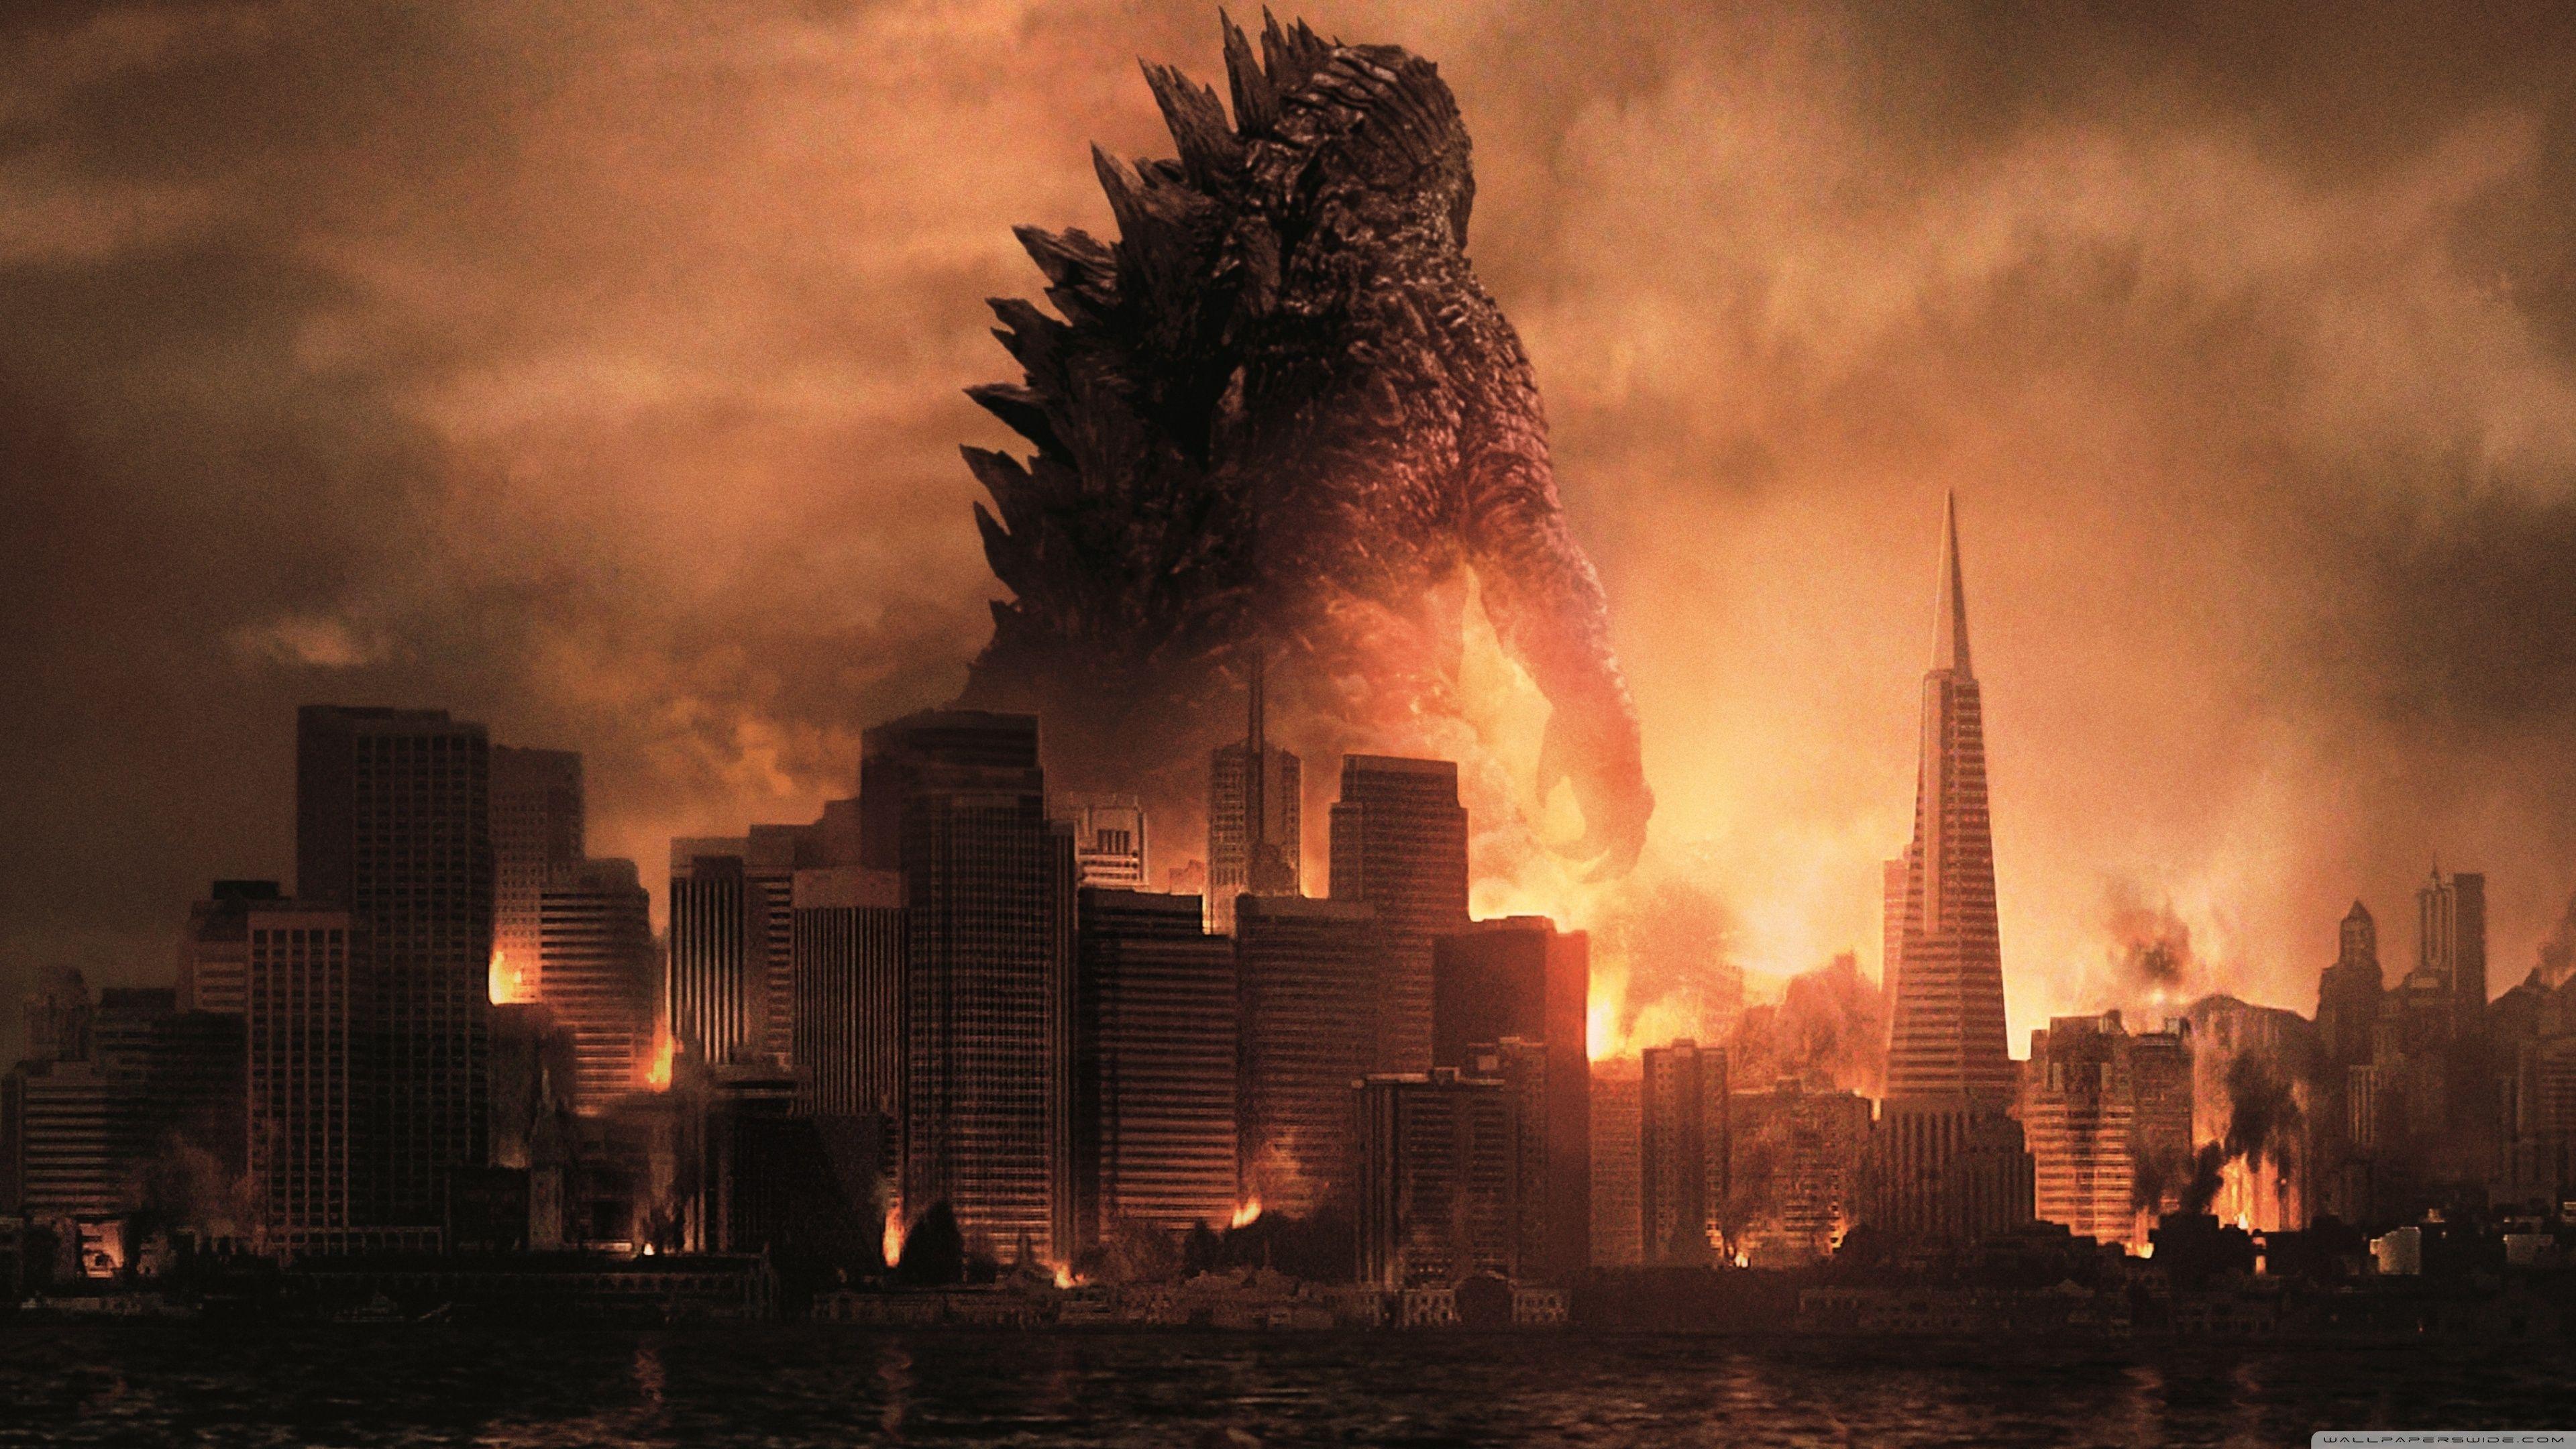 3840x2160 Godzilla Monsters ❤ Hình nền máy tính để bàn 4K HD cho TV 4K Ultra HD